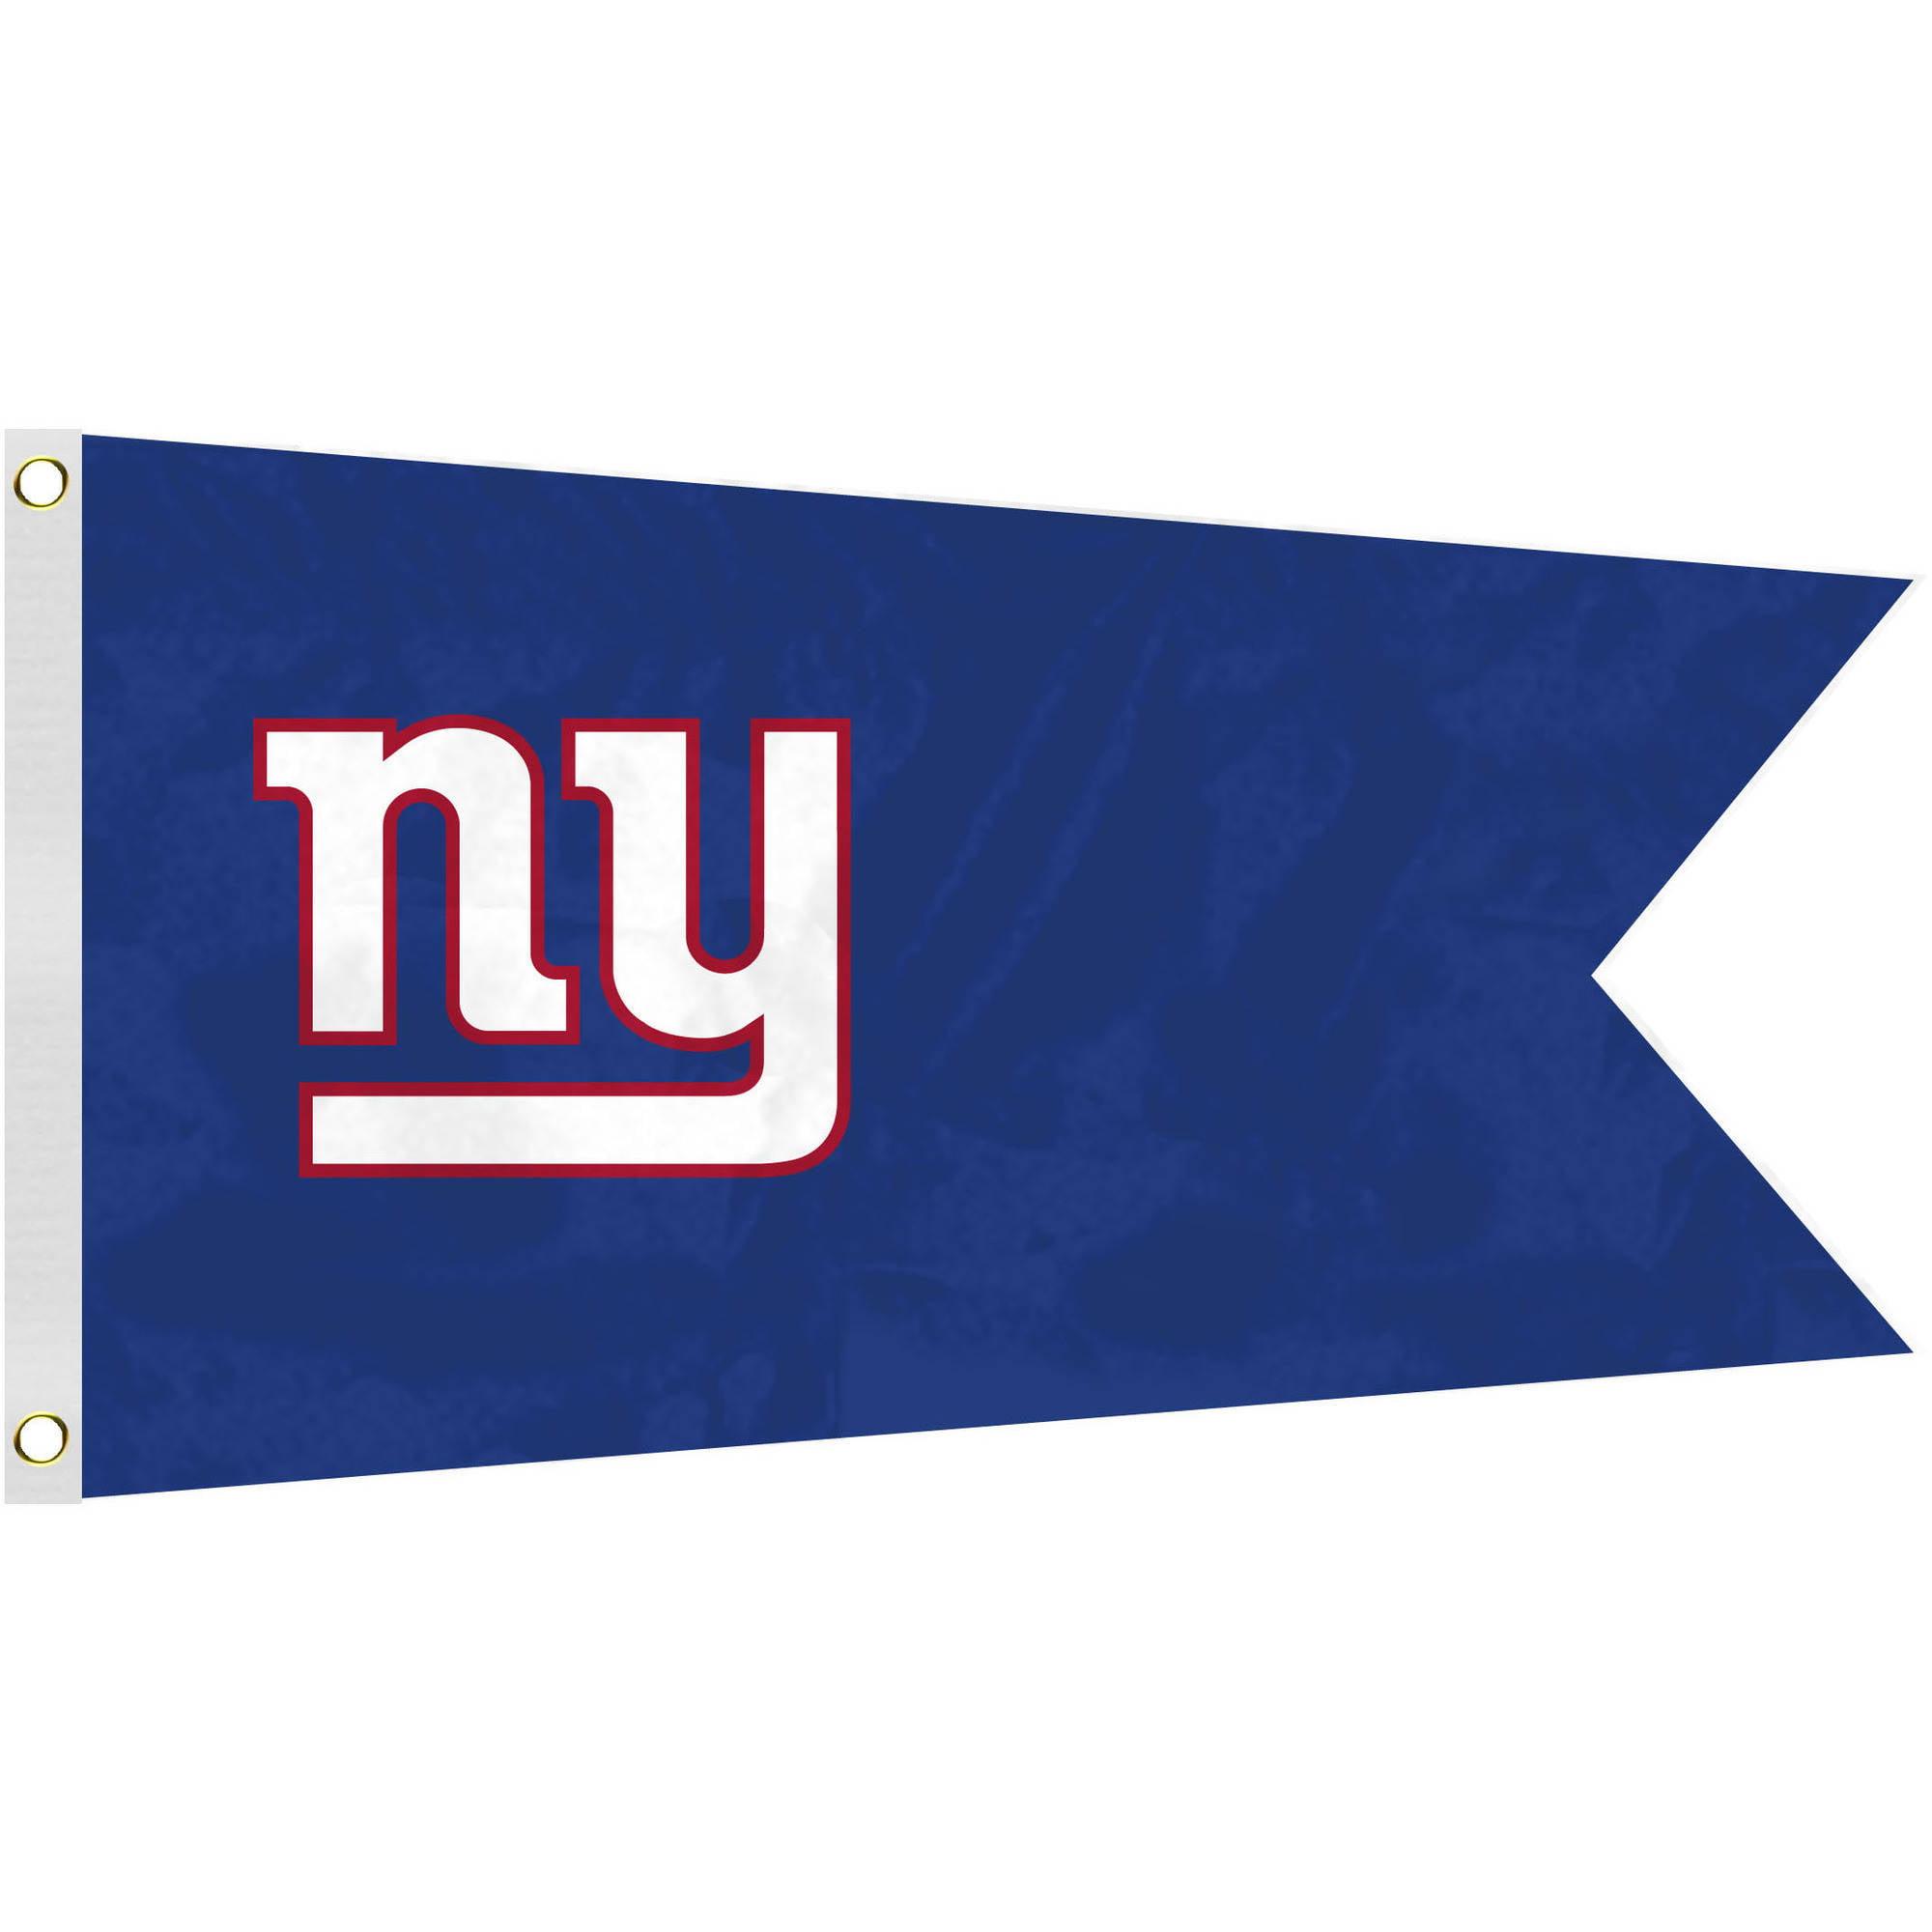 NFL New York Giants Boat Flag